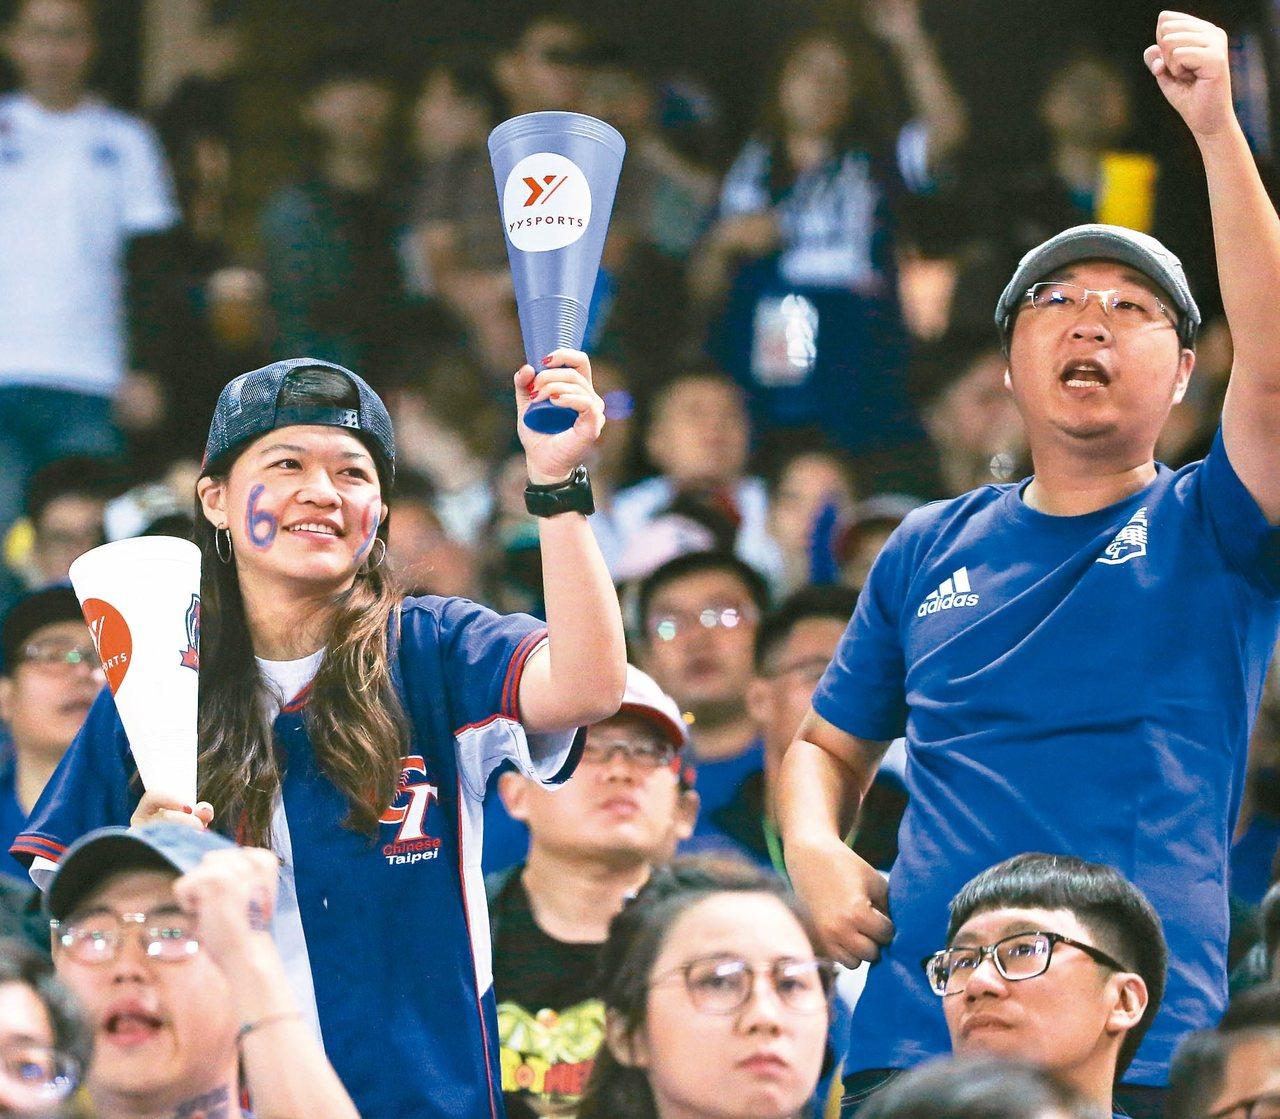 世界十二強棒球賽B組預賽,中華隊出戰委內瑞拉隊,地主球迷在場邊吶喊加油,力挺中華...